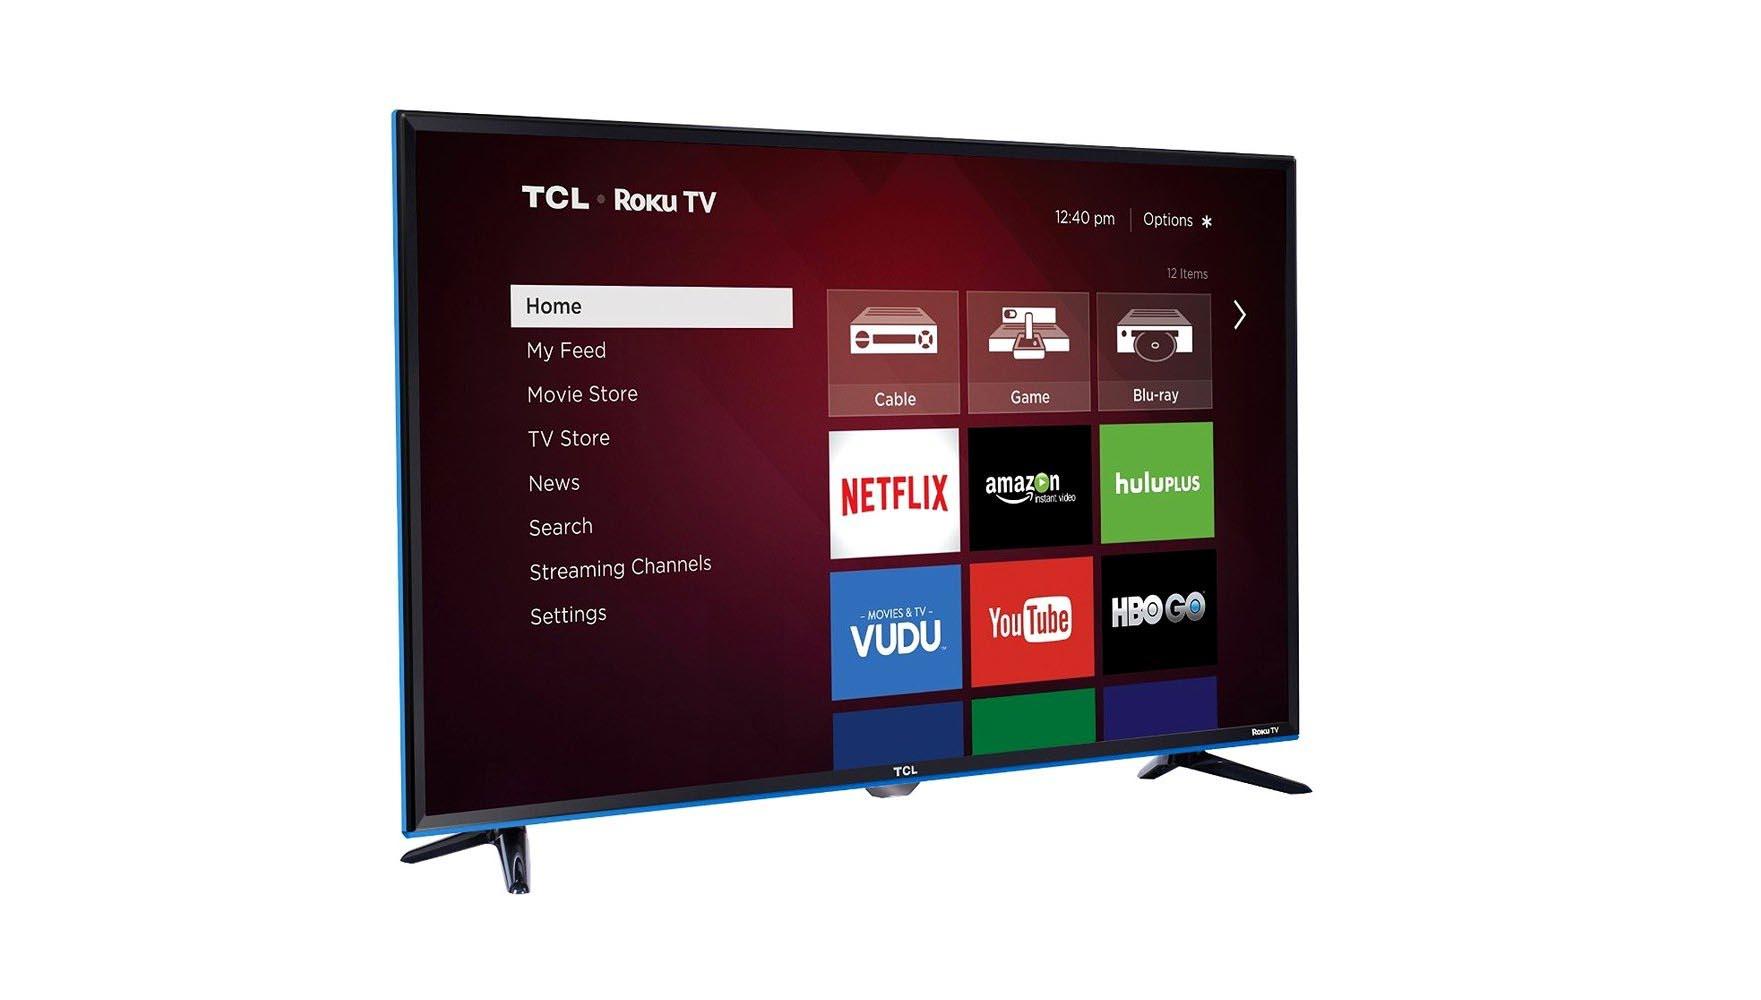 TCL 收購商用信息科技 進軍藍海商用級市場